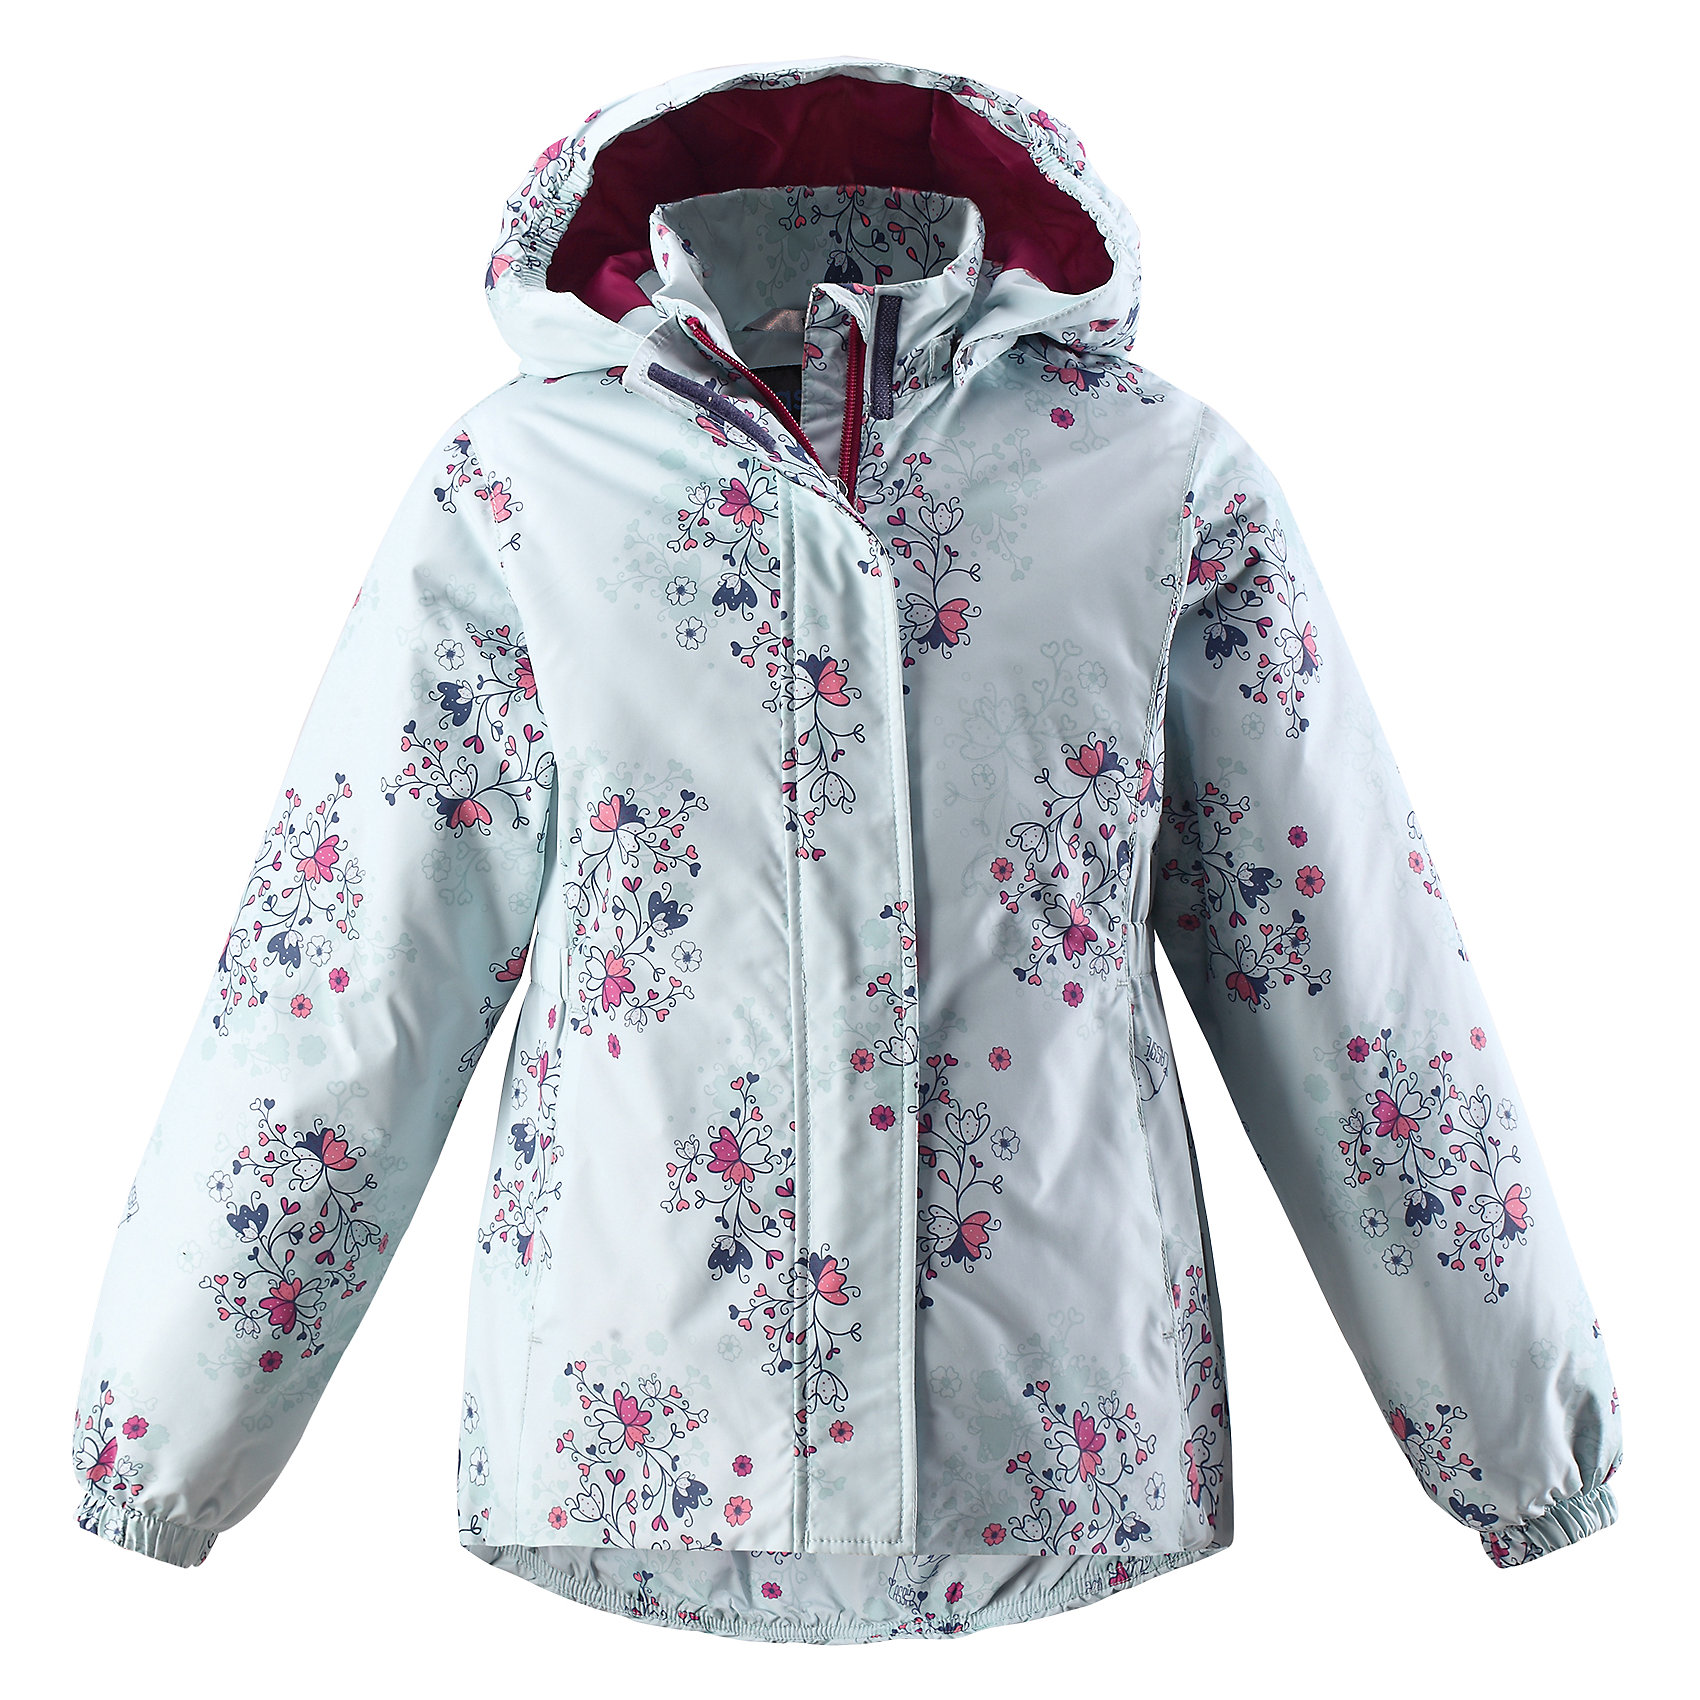 Куртка  для девочки LASSIEОдежда<br>Куртка  для девочки LASSIE<br>Состав:<br>100% Полиэстер, полиуретановое покрытие<br> Куртка для детей.<br> Водоотталкивающий, ветронепроницаемый и «дышащий» материал.<br> Крой для девочек.<br> Гладкая подкладка из полиэстра.<br> Легкая степень утепления.<br> Безопасный, съемный капюшон.<br> Эластичные манжеты.<br> Эластичная талия.<br> Эластичная кромка подола.<br> Карманы в боковых швах.<br><br>Ширина мм: 356<br>Глубина мм: 10<br>Высота мм: 245<br>Вес г: 519<br>Цвет: белый<br>Возраст от месяцев: 18<br>Возраст до месяцев: 24<br>Пол: Женский<br>Возраст: Детский<br>Размер: 92,110,140,134,128,122,116,104,98<br>SKU: 5265000